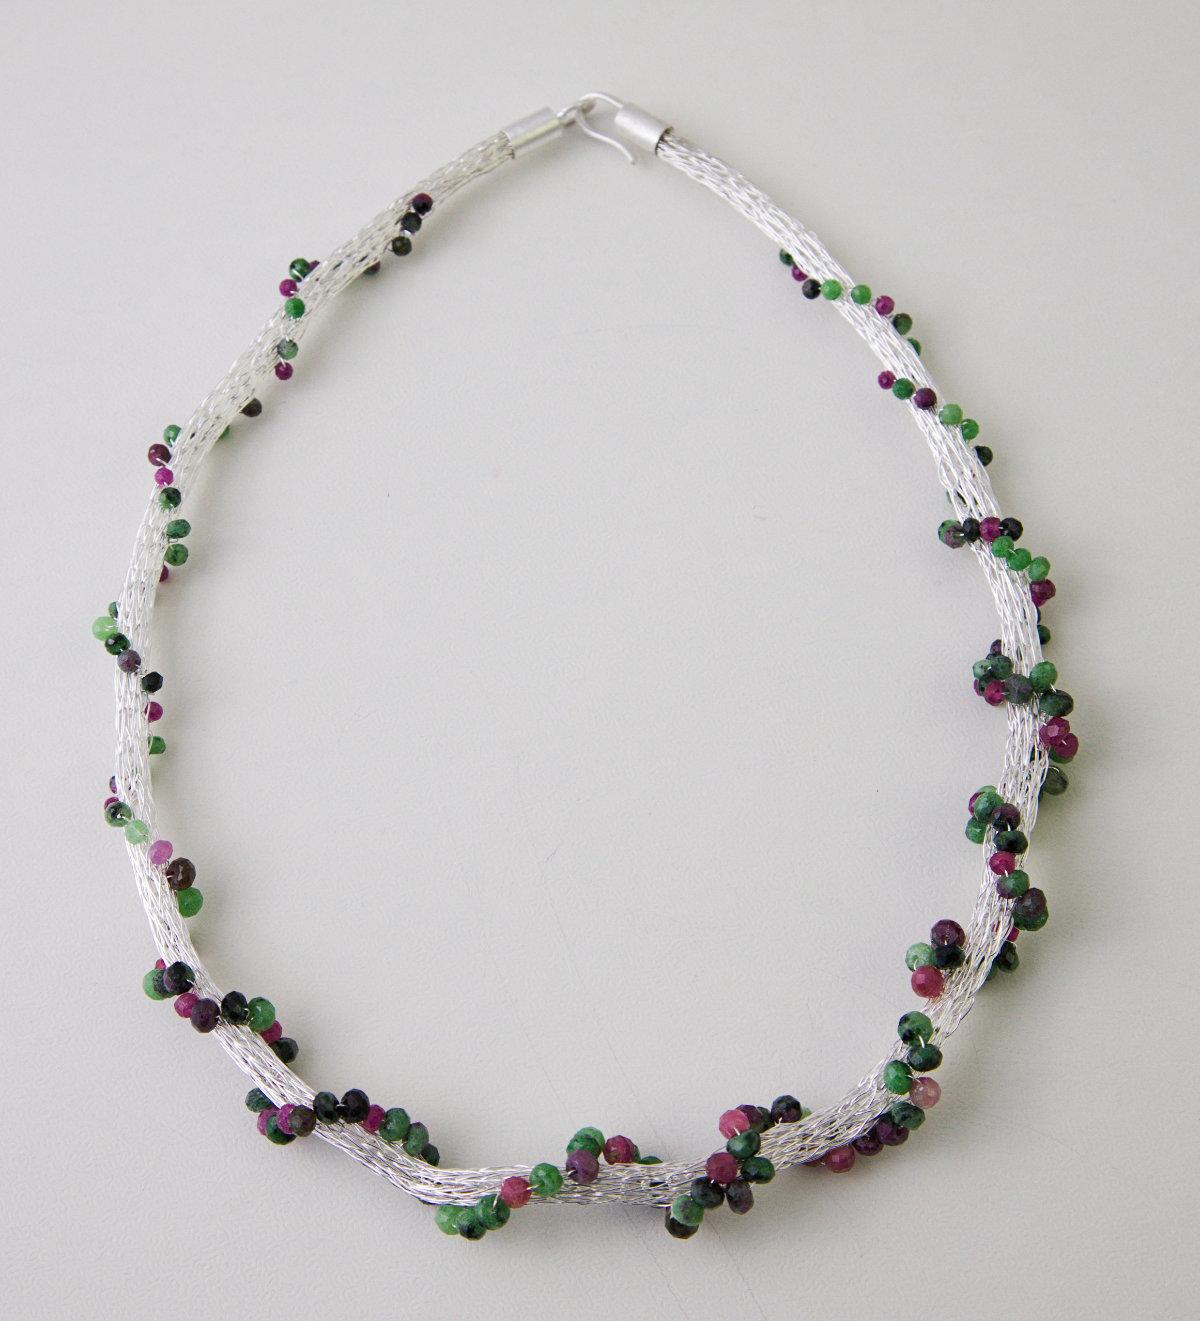 Collier Silber mit Anlaufschutz Rubingestein grün und rot facettiert